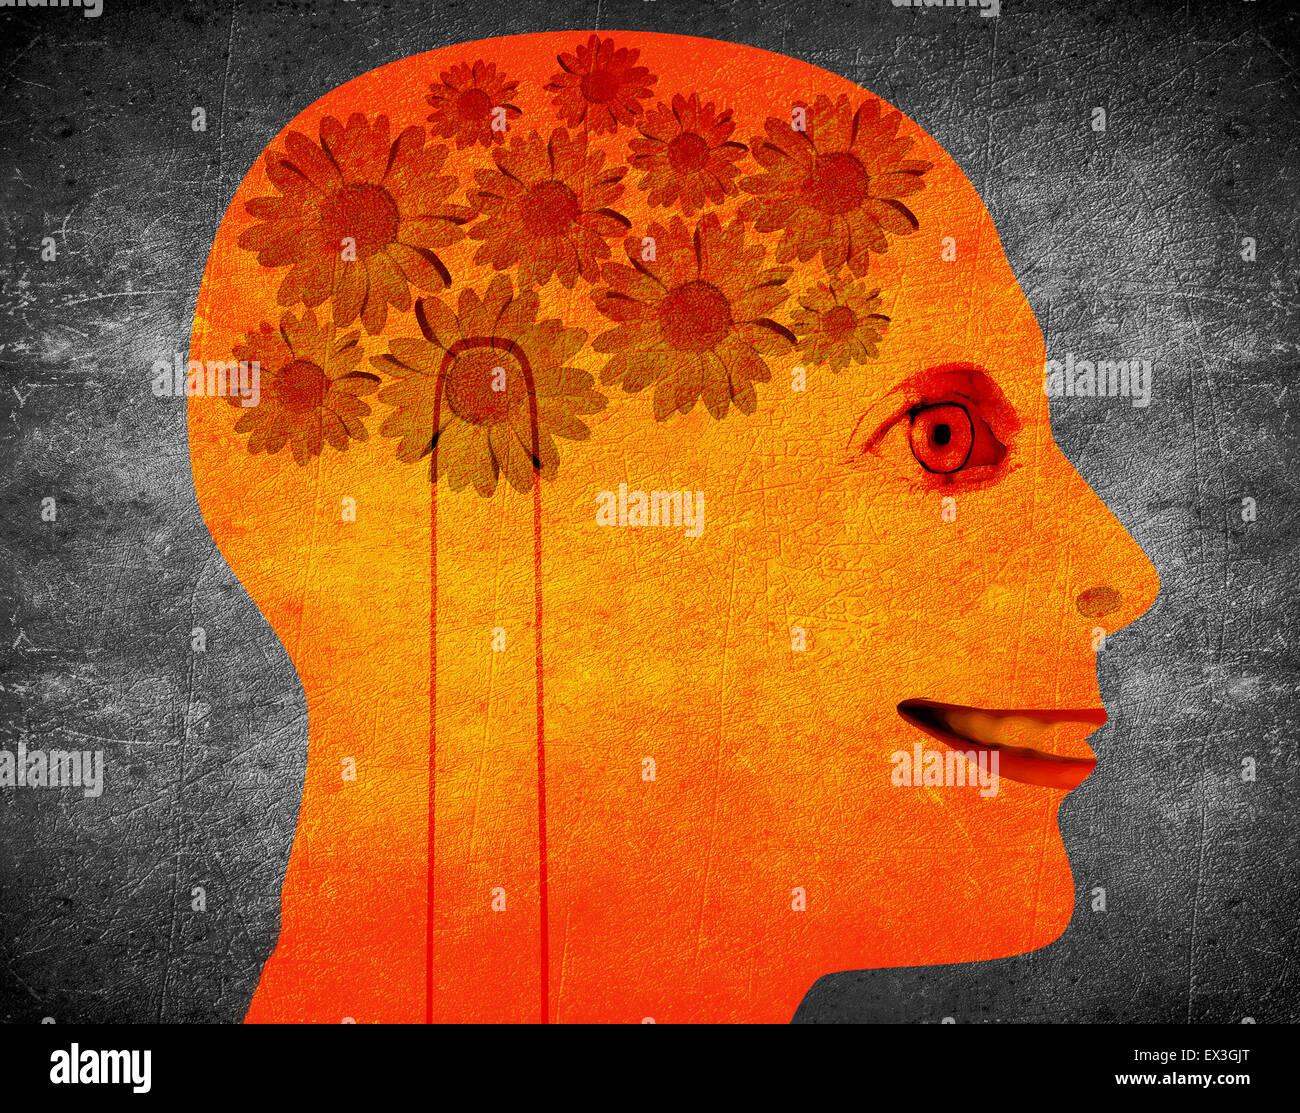 Il concetto di creatività illustrazione con testa di colore arancione e daisy flower Immagini Stock